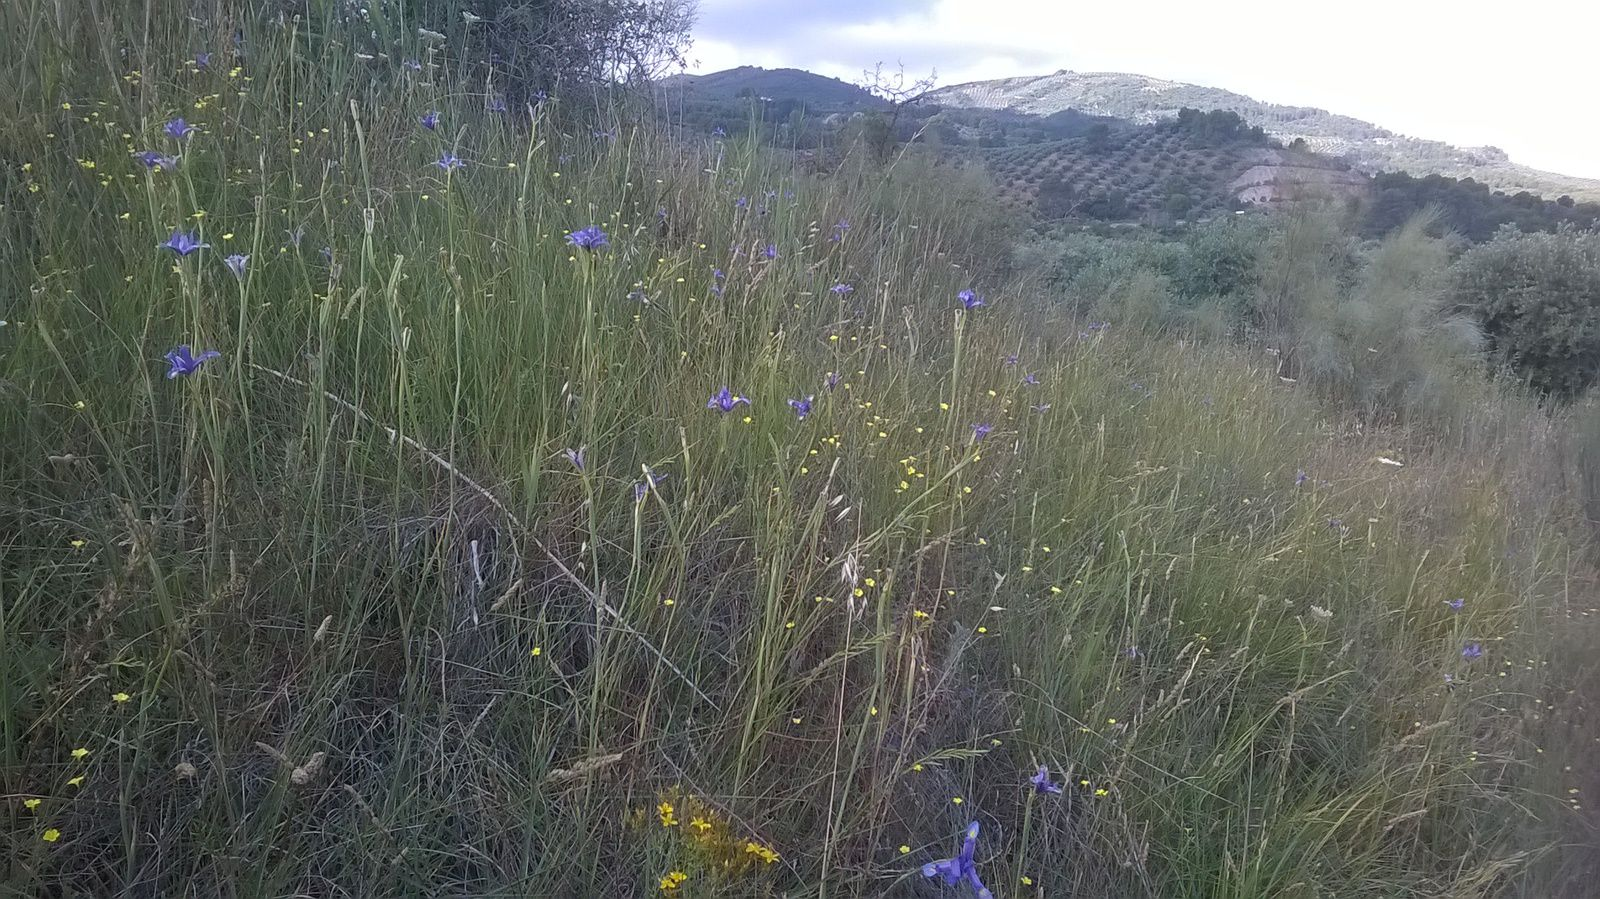 En primer término los lirios silvestres  (Iris xiphium) y al fondo, en mitad de la ladera de la montaña, El Tamaral.